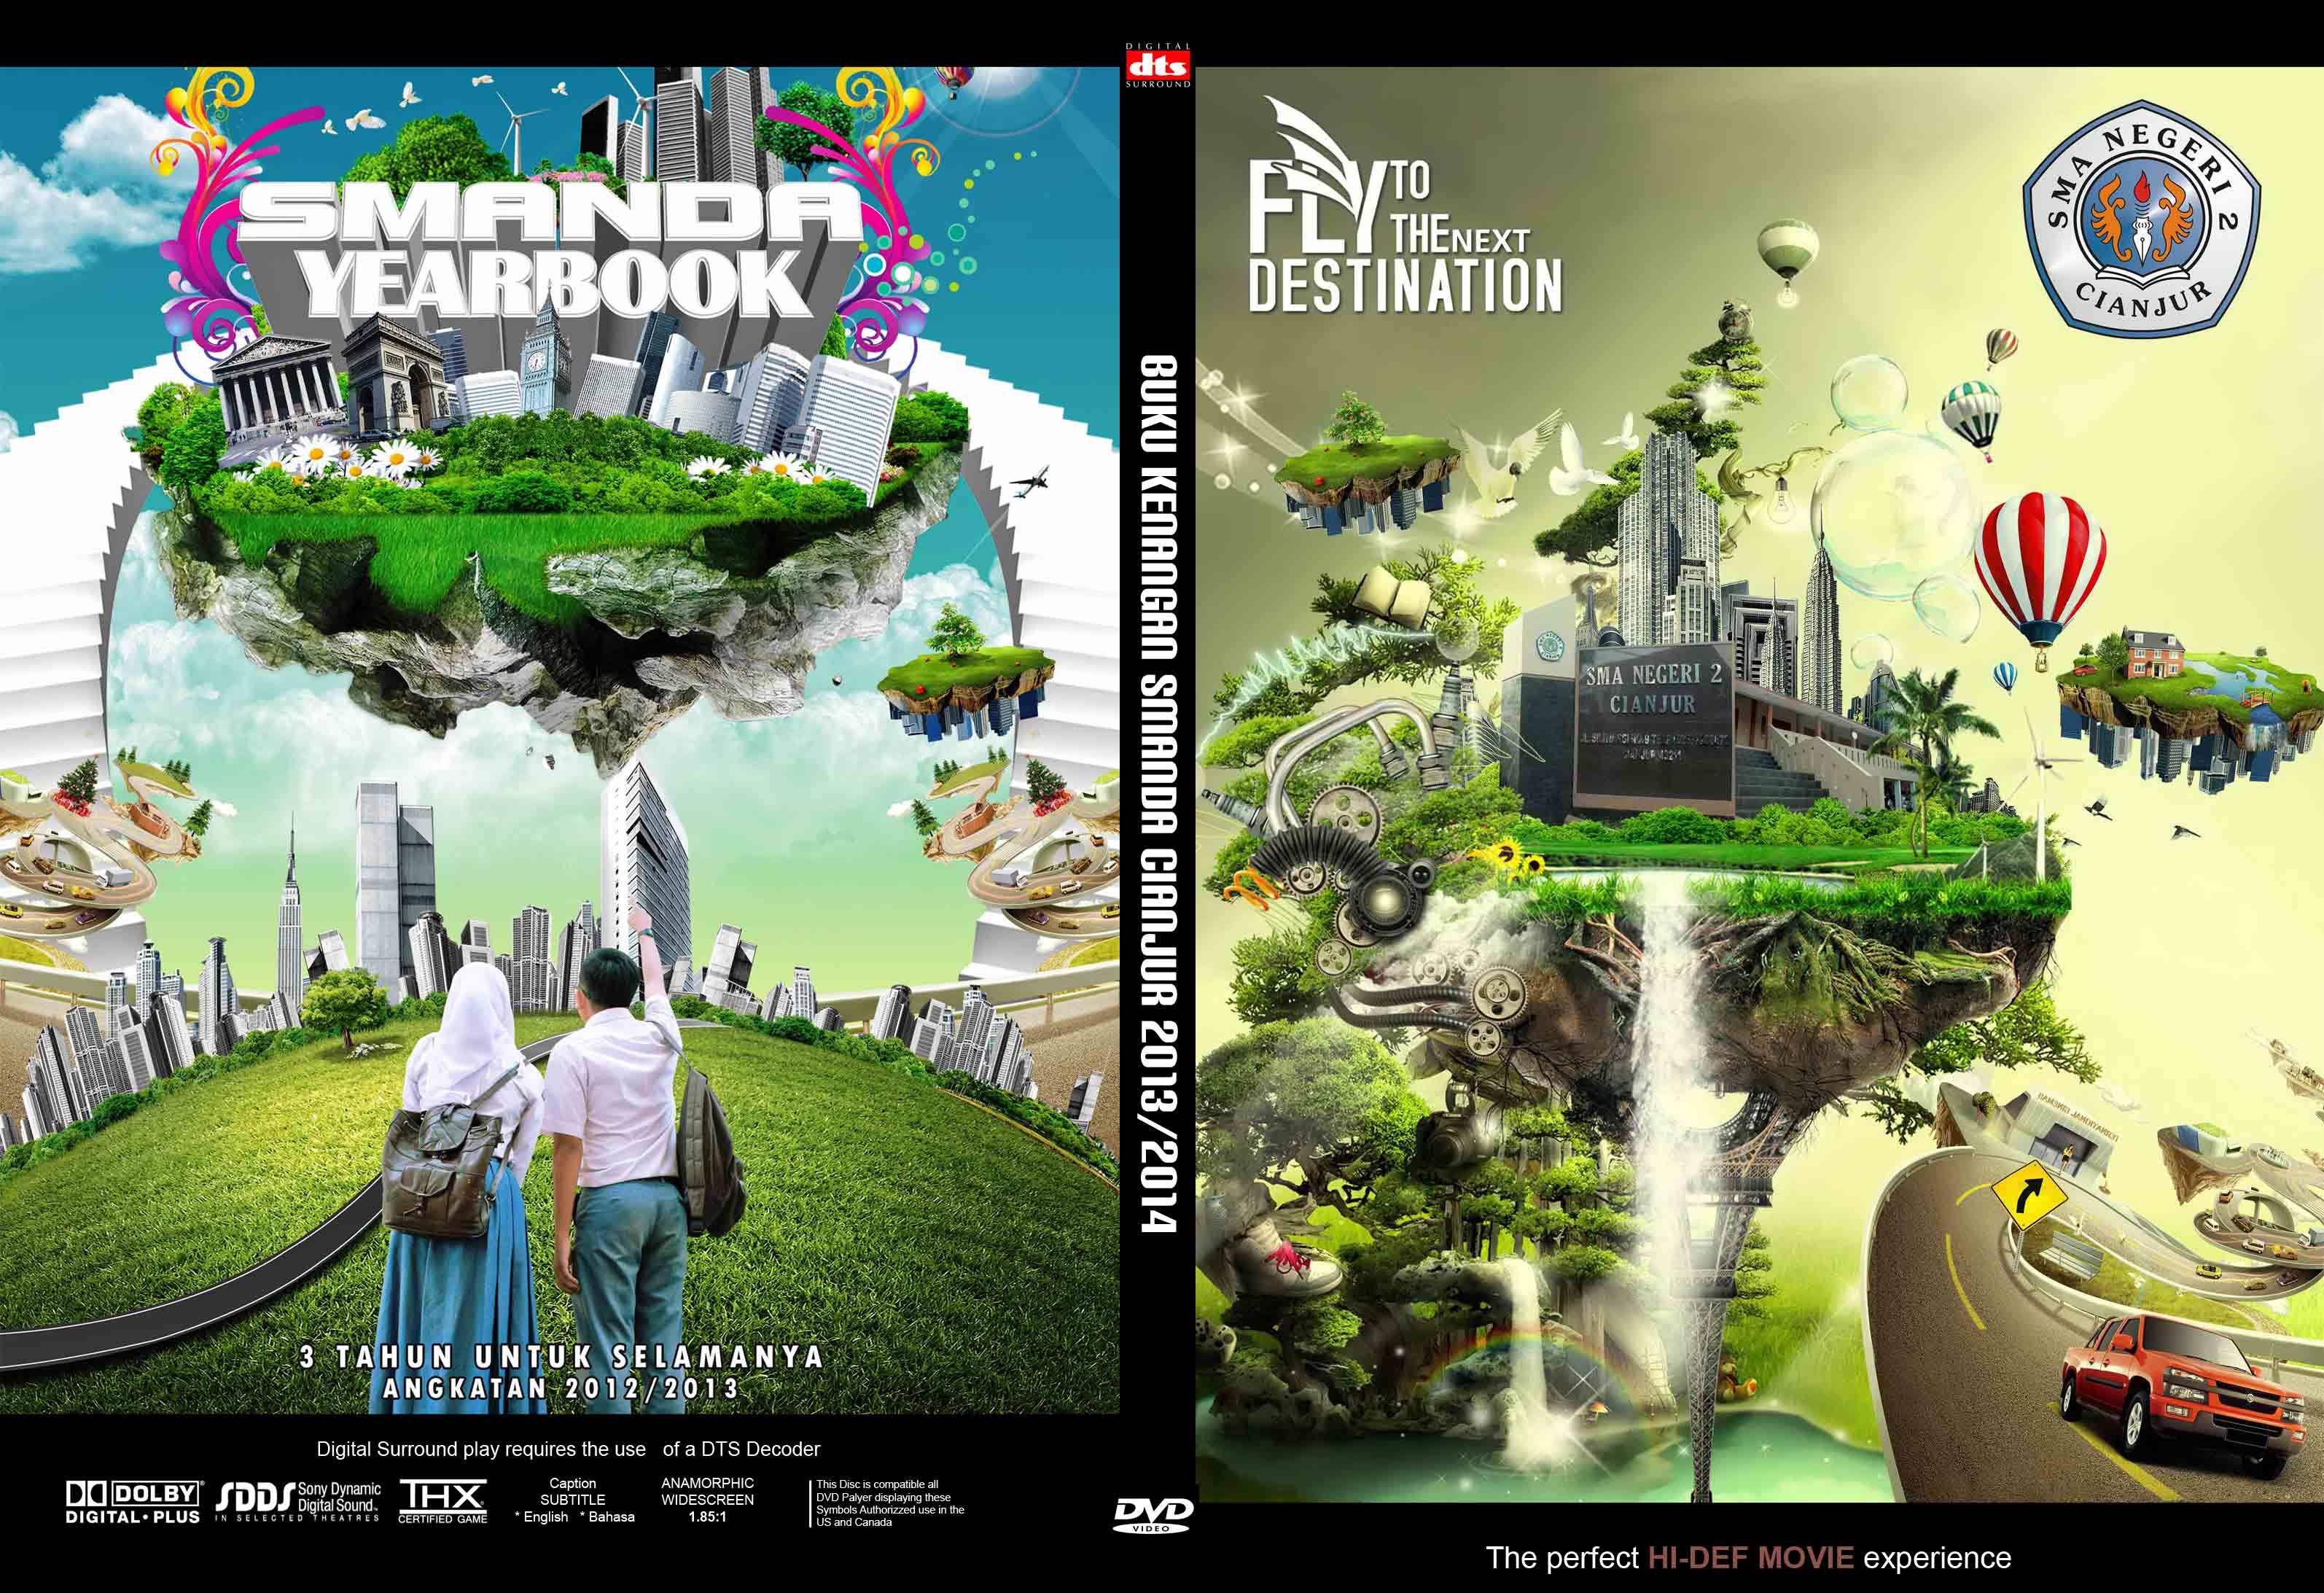 cover vol.a copy cover vol.a copy